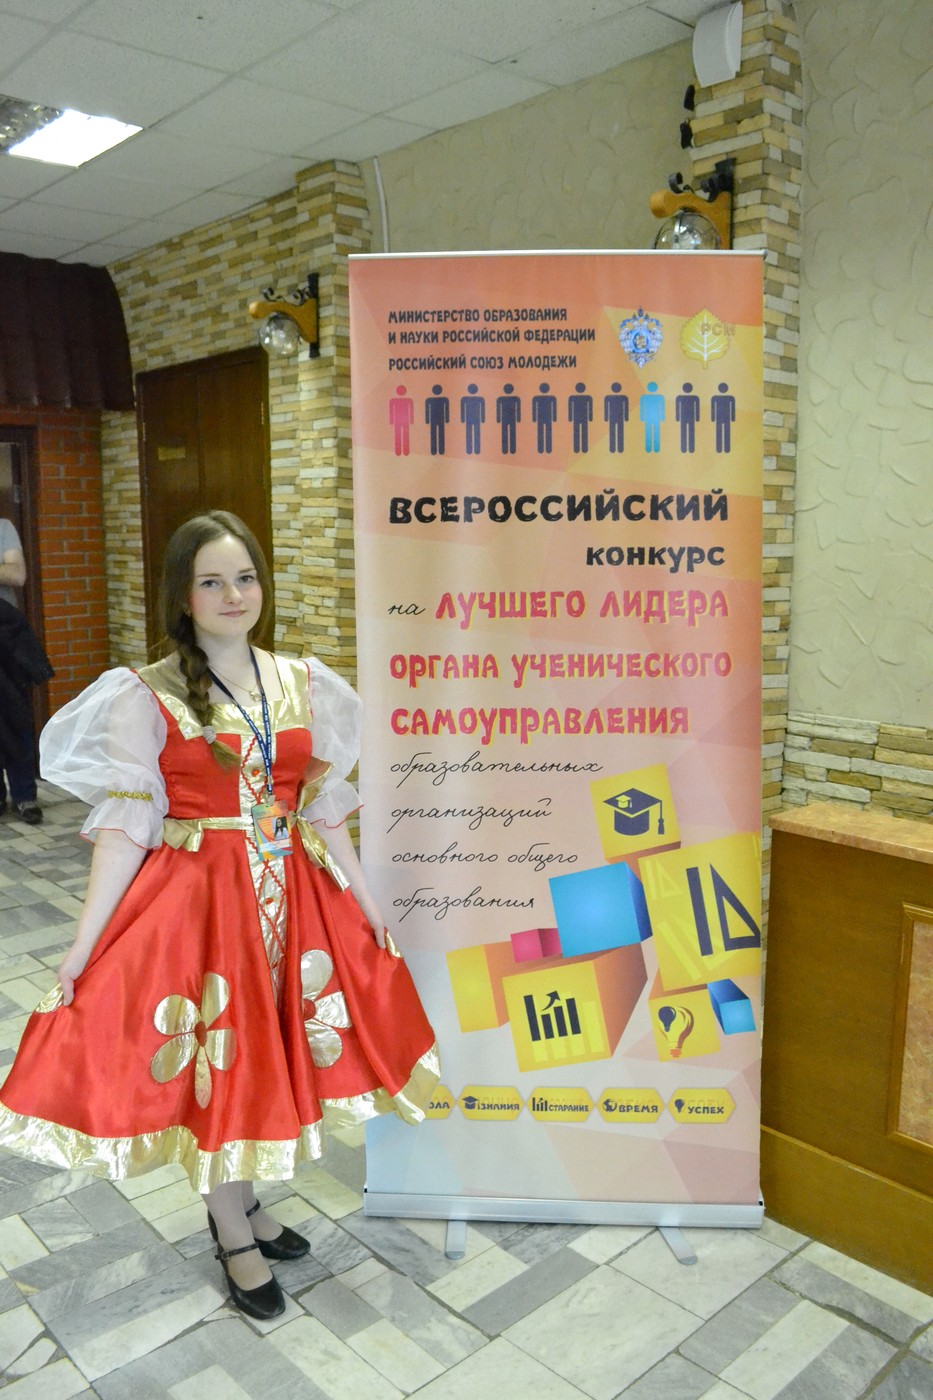 Всероссийский конкурс лидера ученического самоуправления